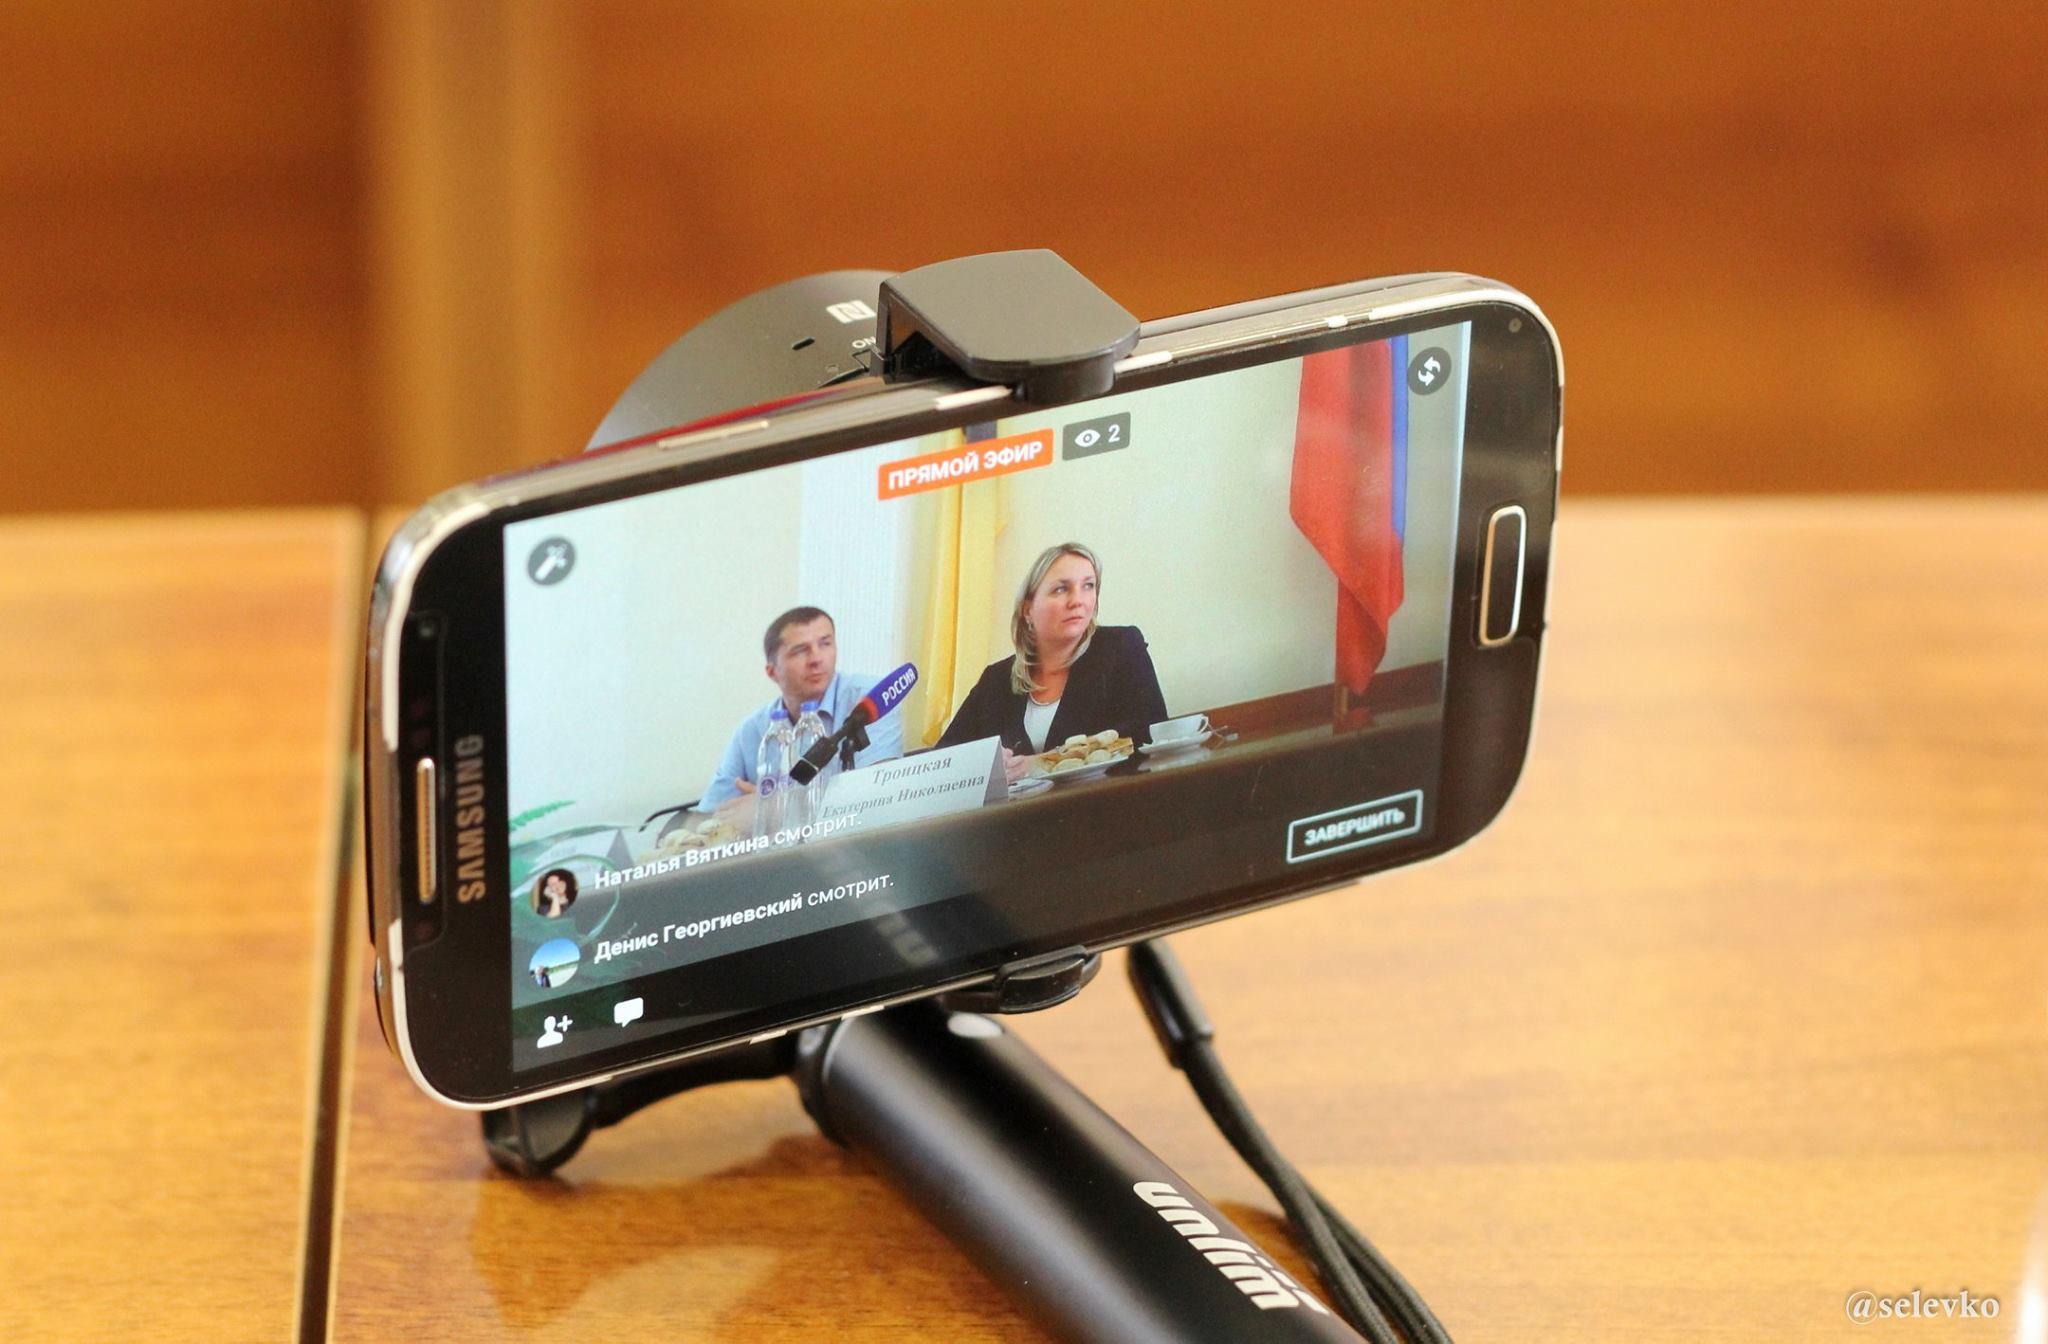 Владимир Волков сказал, что будет советоваться по рабочим вопросам с бывшим мэром Ярославля Слепцовым